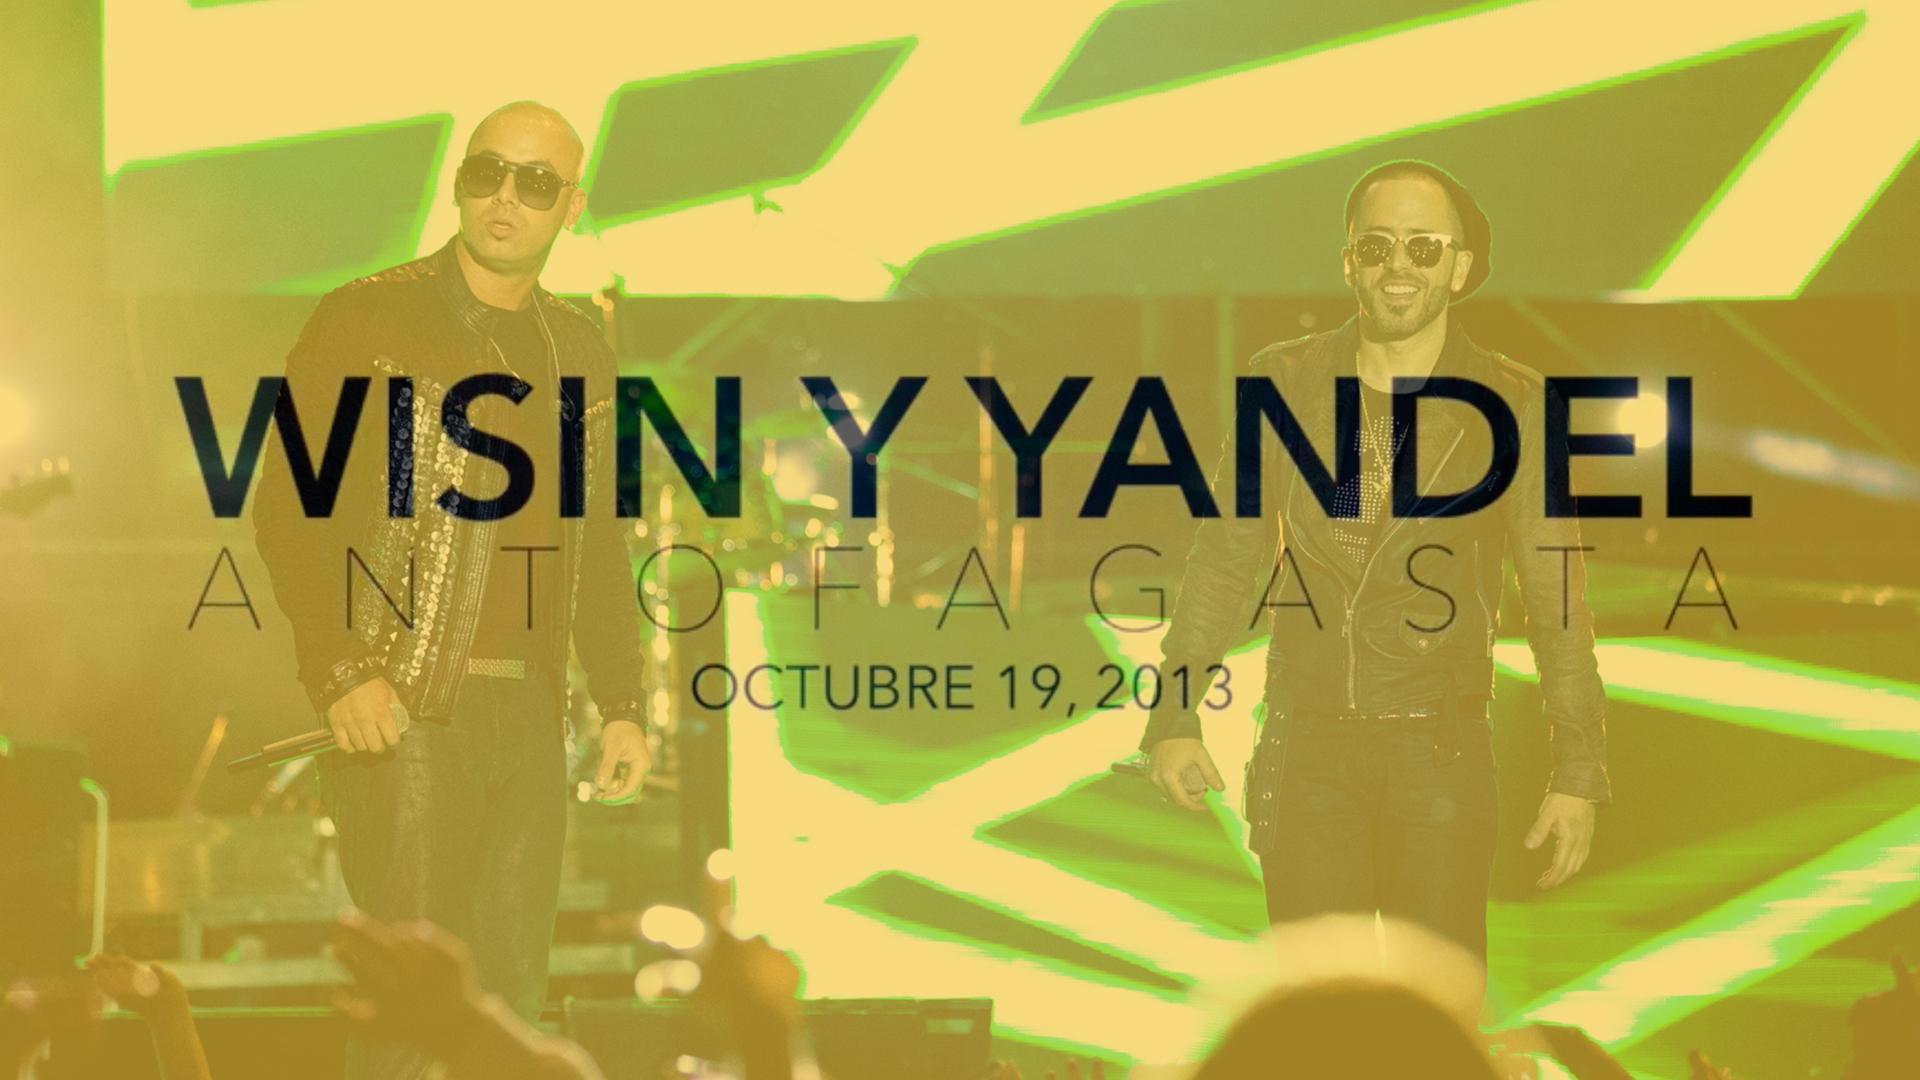 WISIN Y YANDEL ANTOFAGASTA CHILE 2013